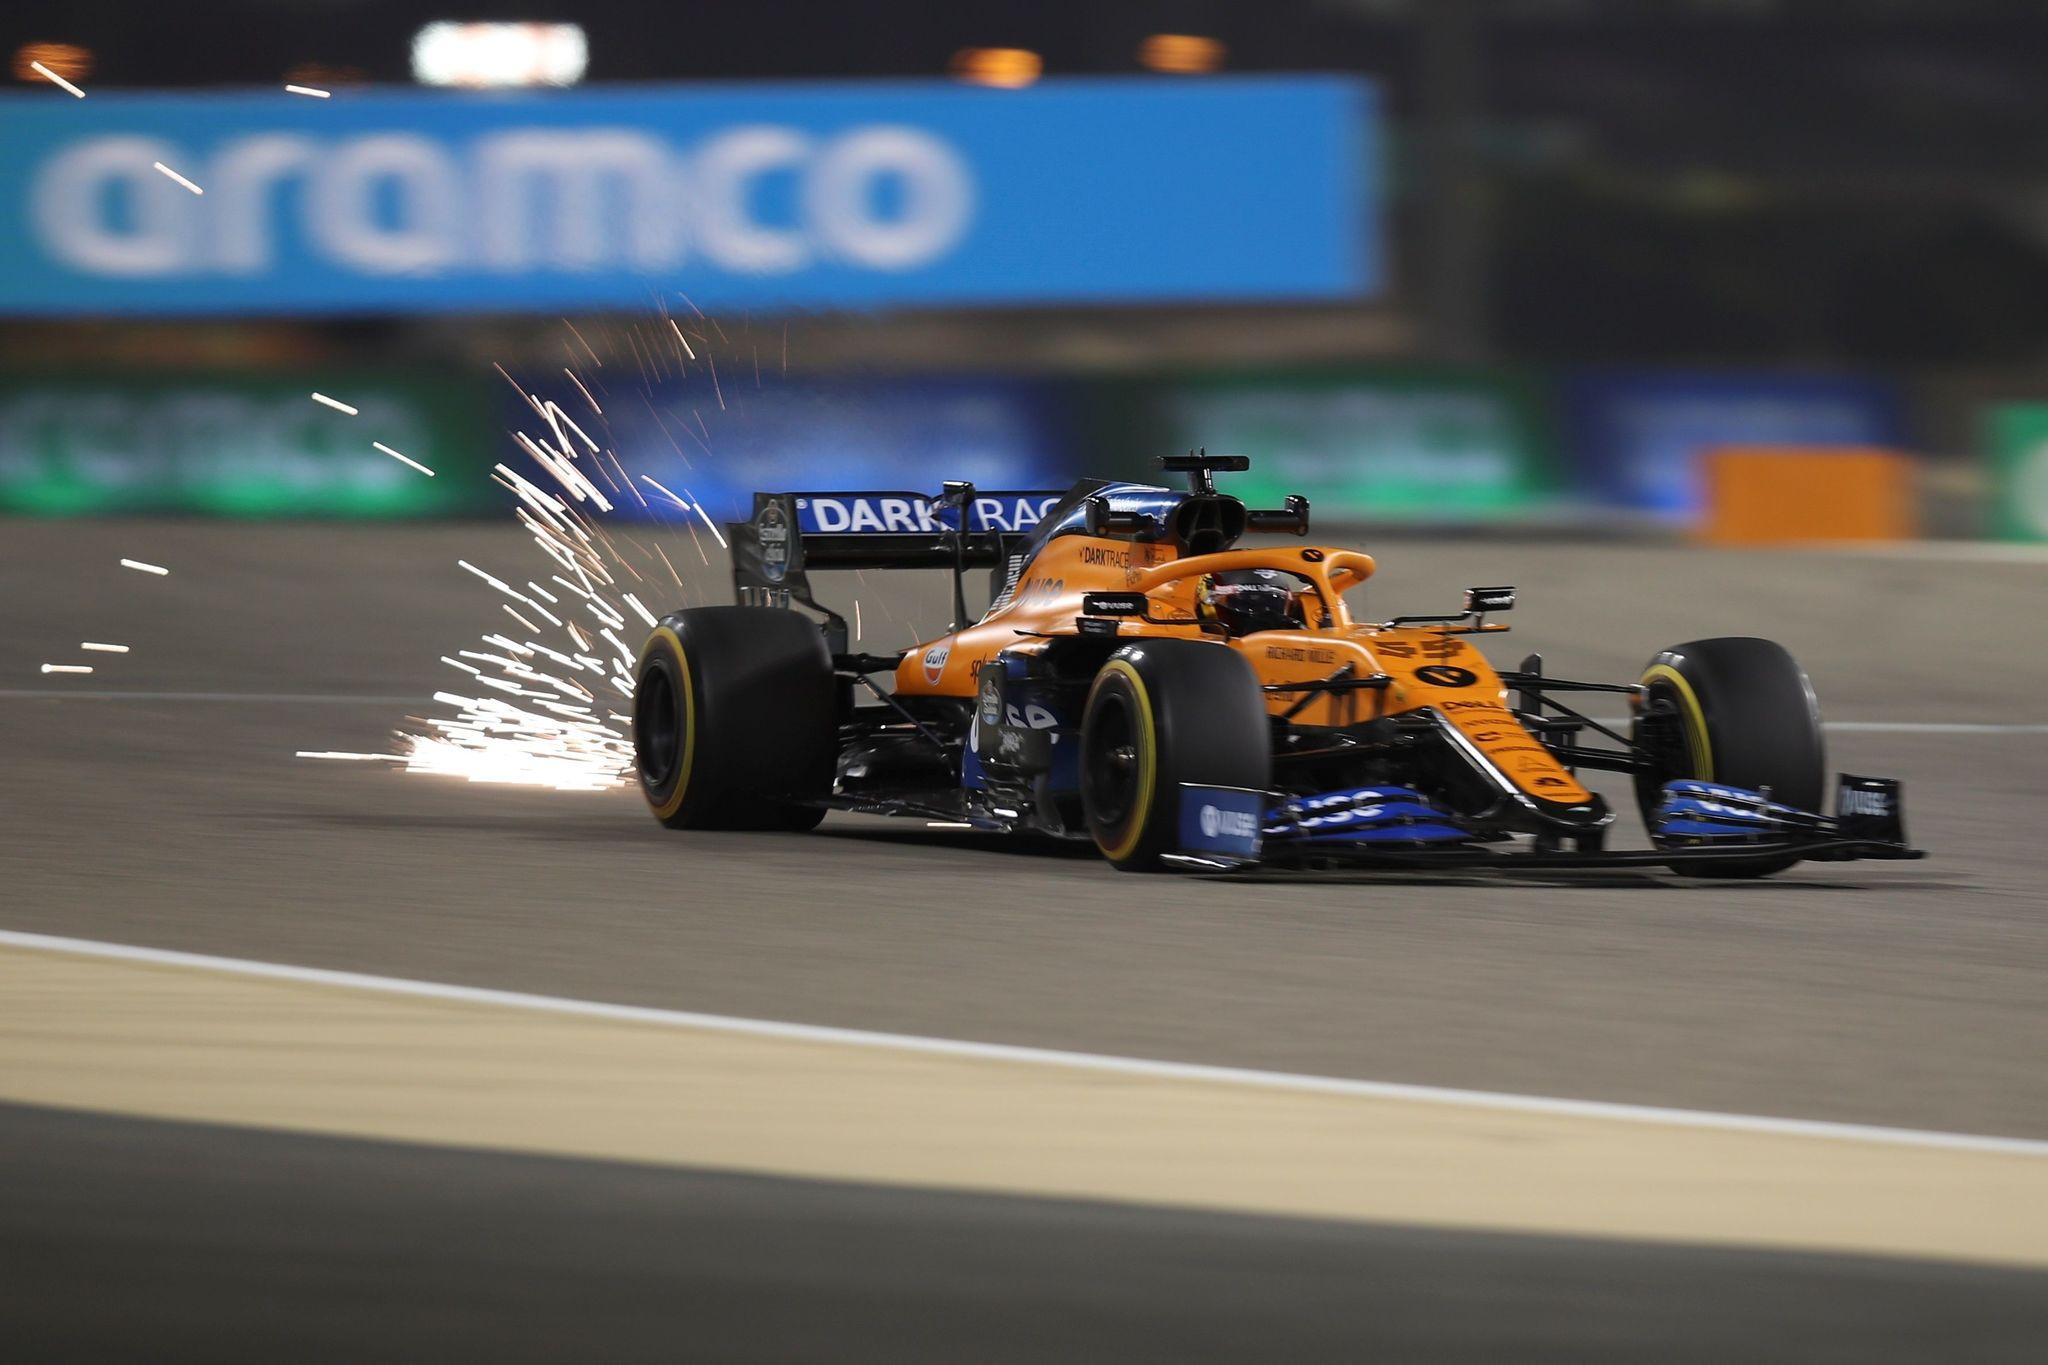 -FOTODELDÍA- EA5162. SAKHIR (BAREIN), 27/11/2020.- El piloto español de McLaren Carlos lt;HIT gt;Sainz lt;/HIT gt; durante la segunda sesión de entrenamientos del Gran Premio de Baréin de FórmulaUno, em el Circuito Internacional de Baréin, cerca de la capital Manama. EFE/TOLGA BOZOGLU / POOL